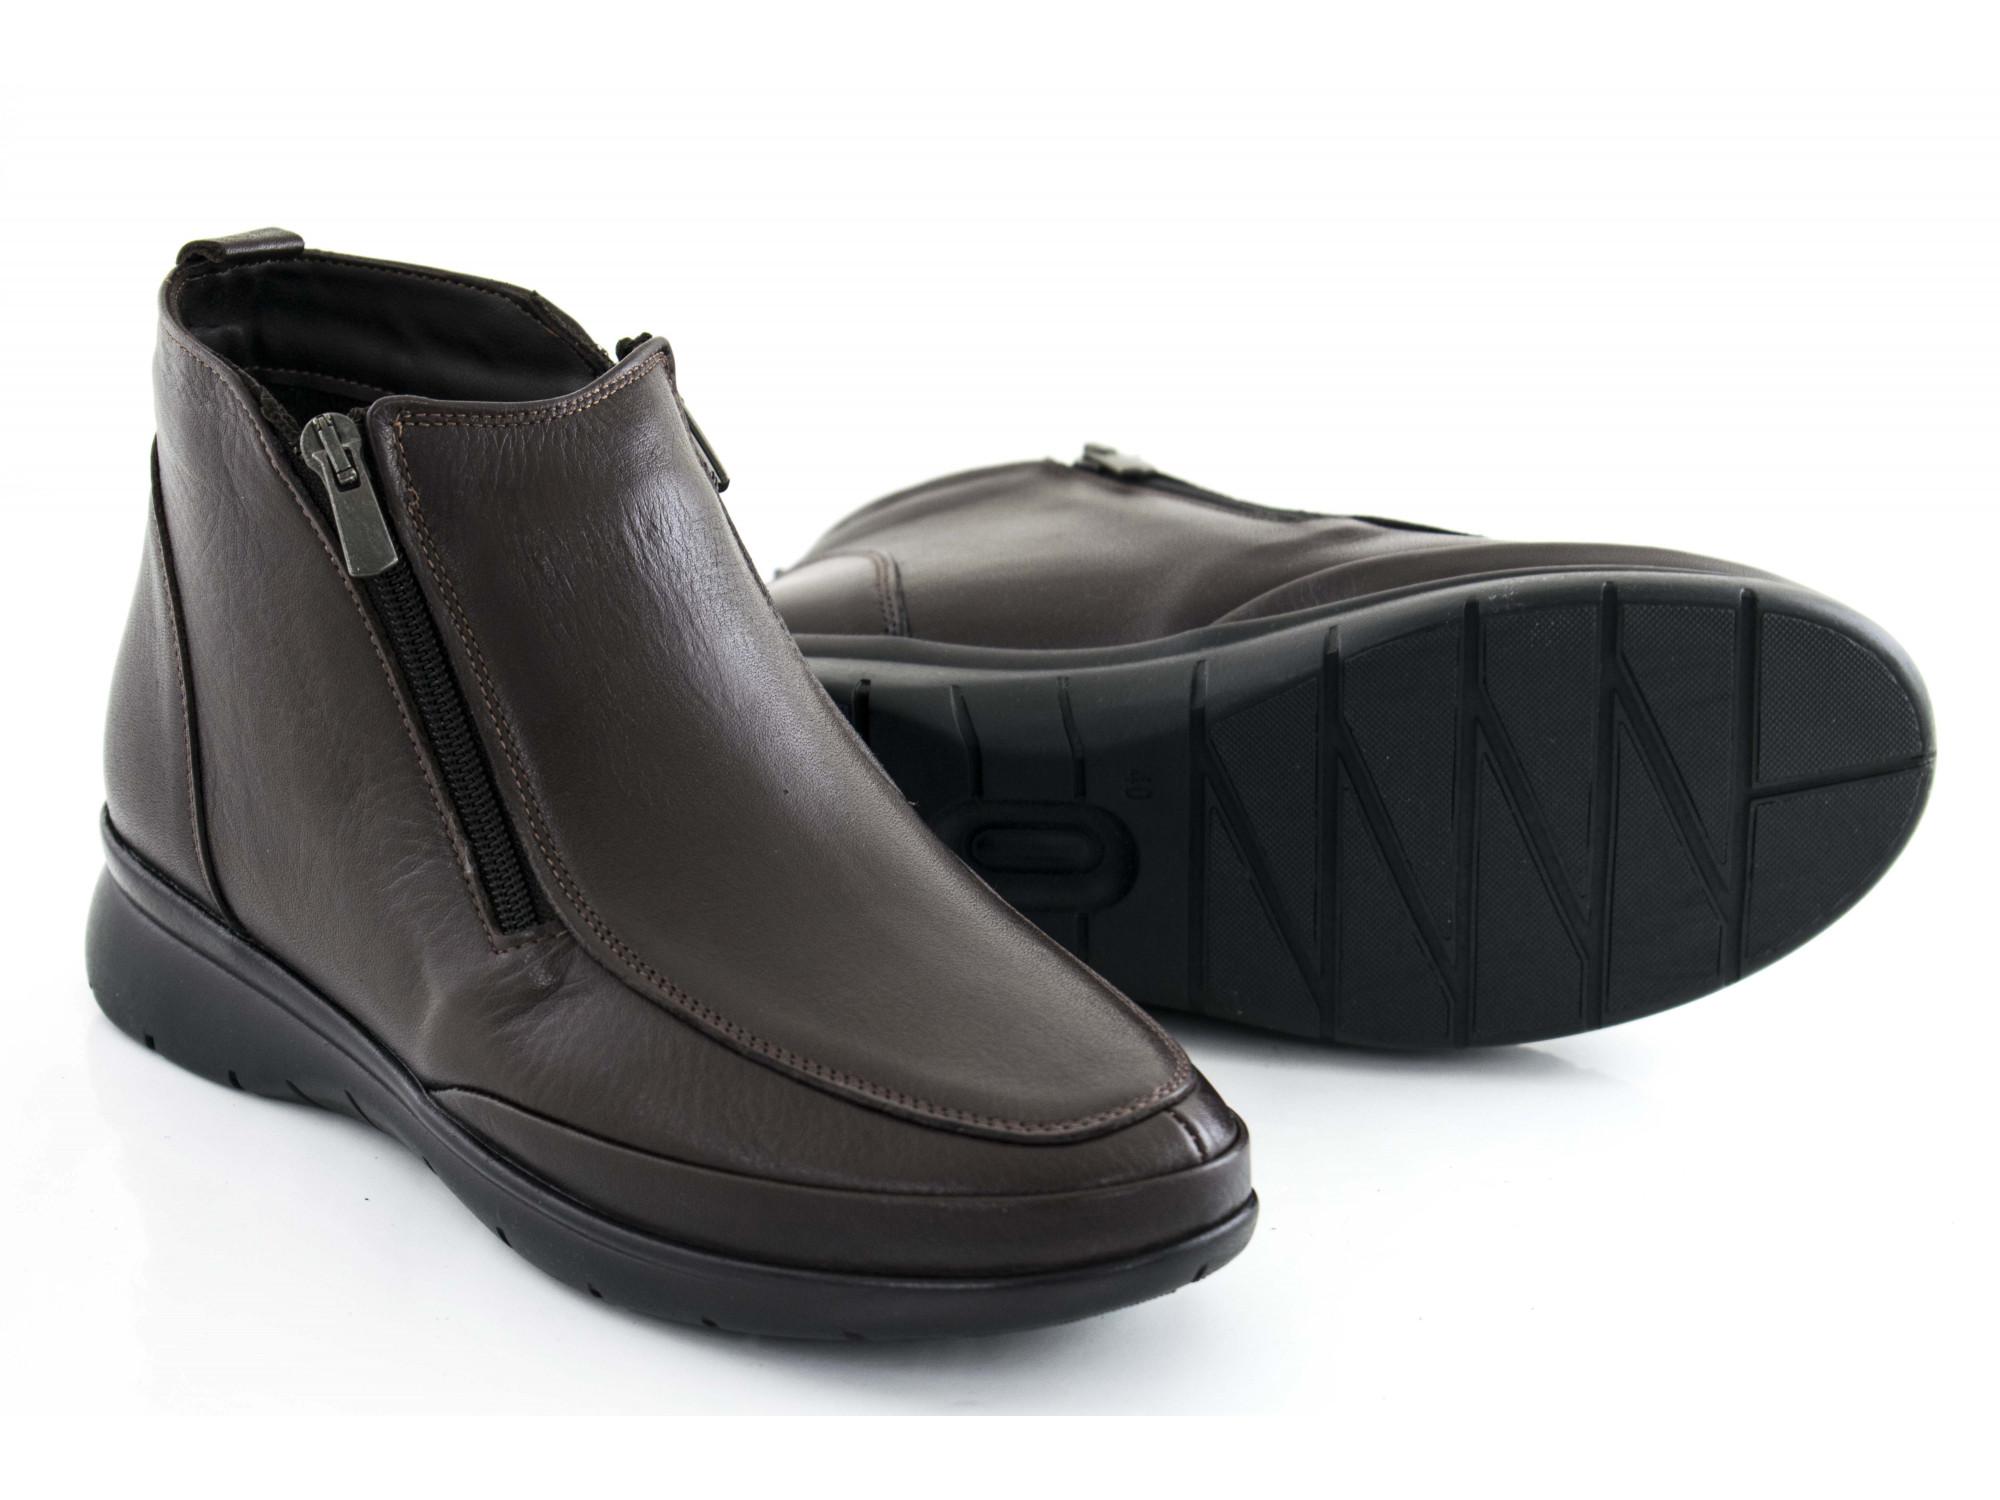 Ботинки La Pinta 0571-159 бордовые